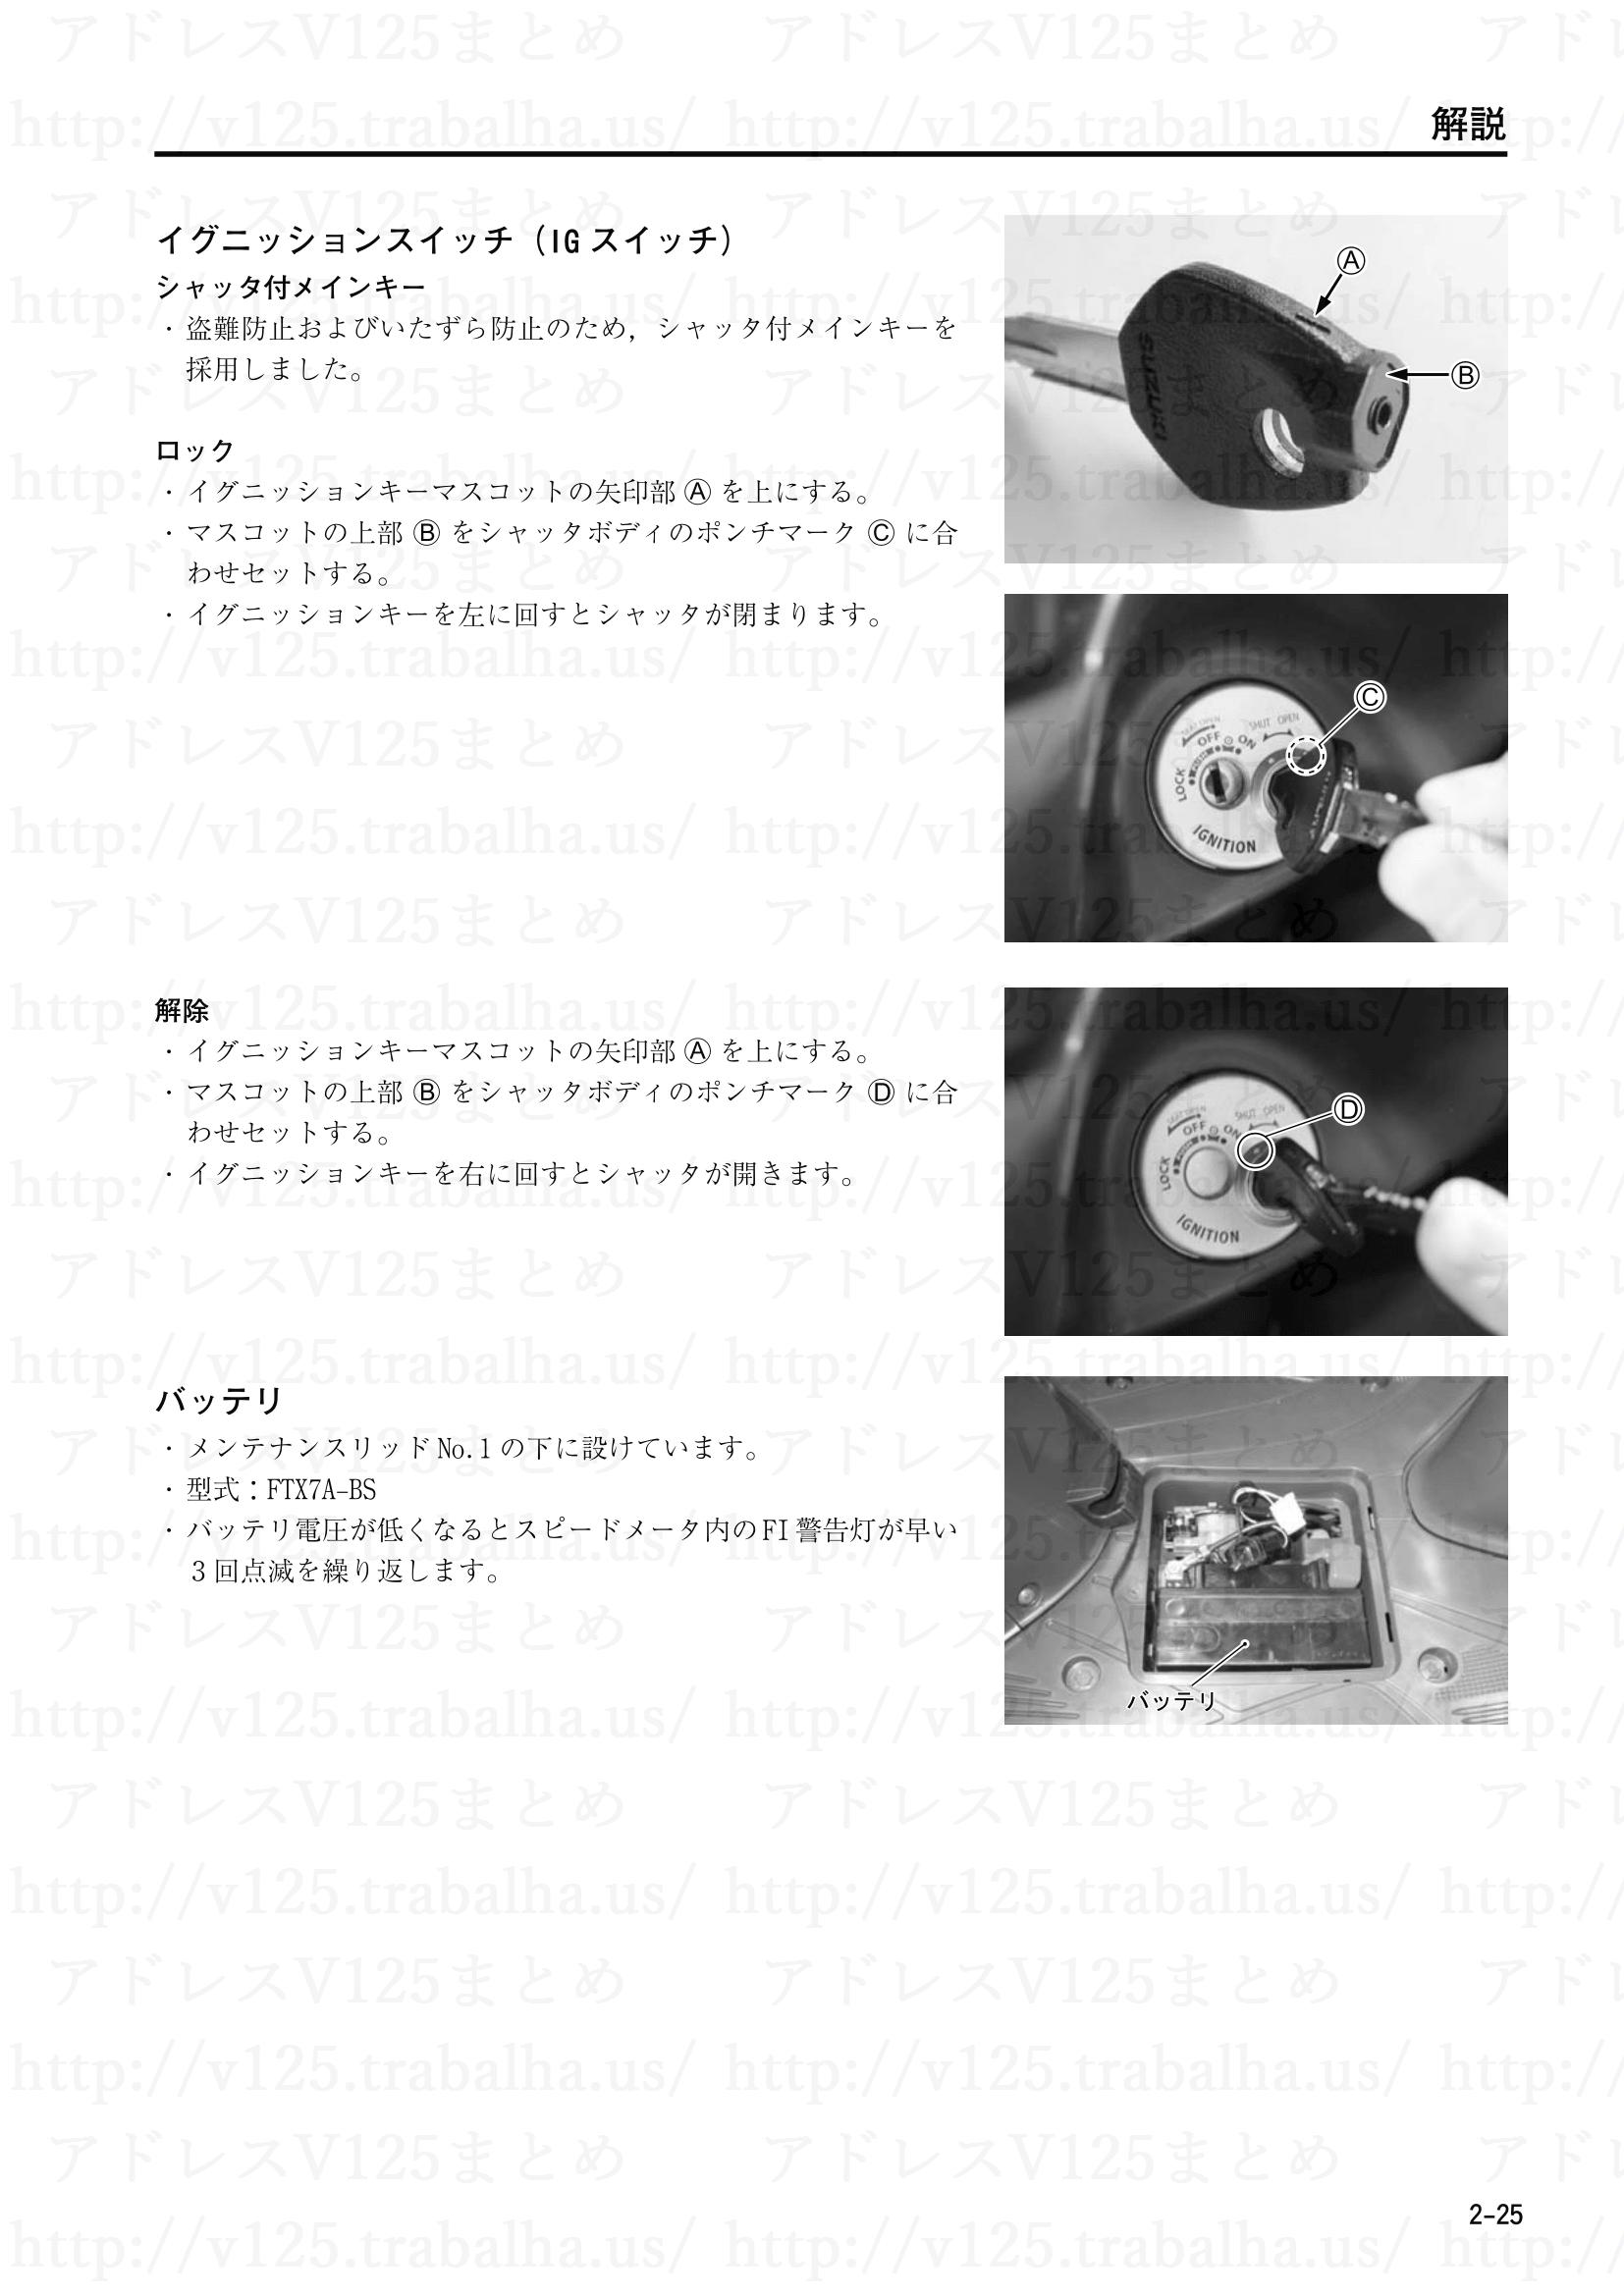 2-25【解説】イグニッションスイッチ